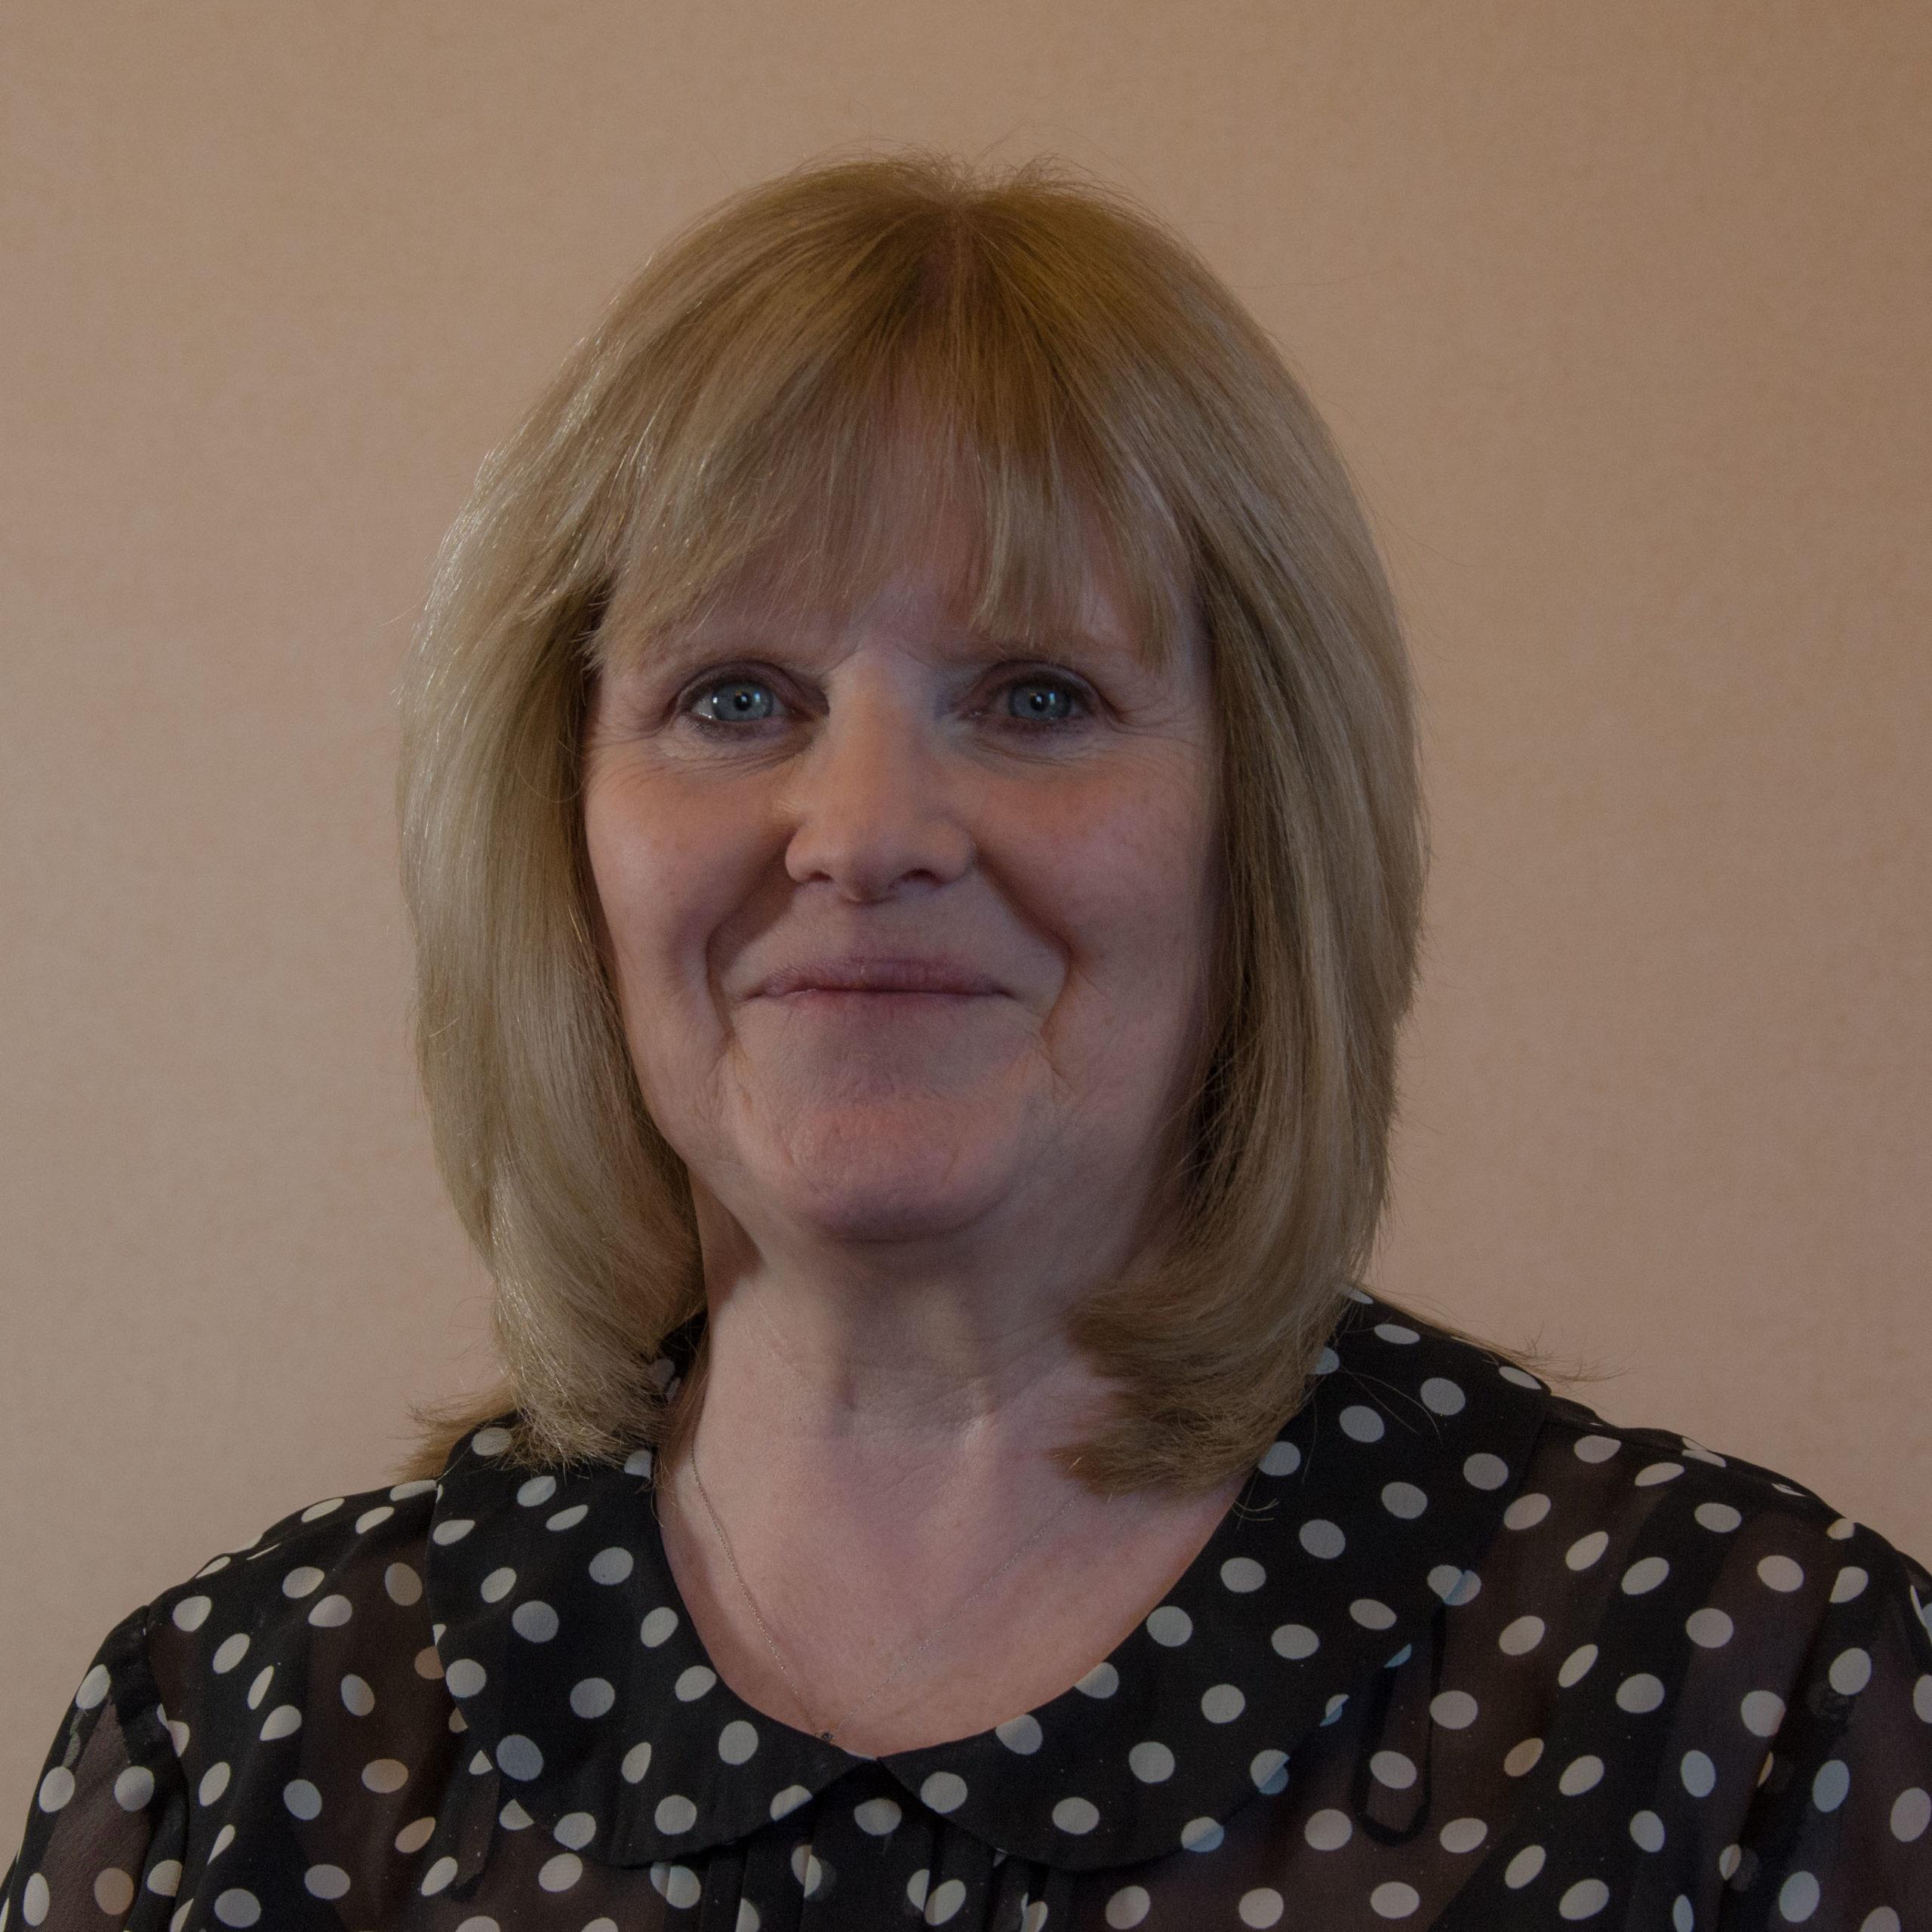 An image ofAnn Wightman